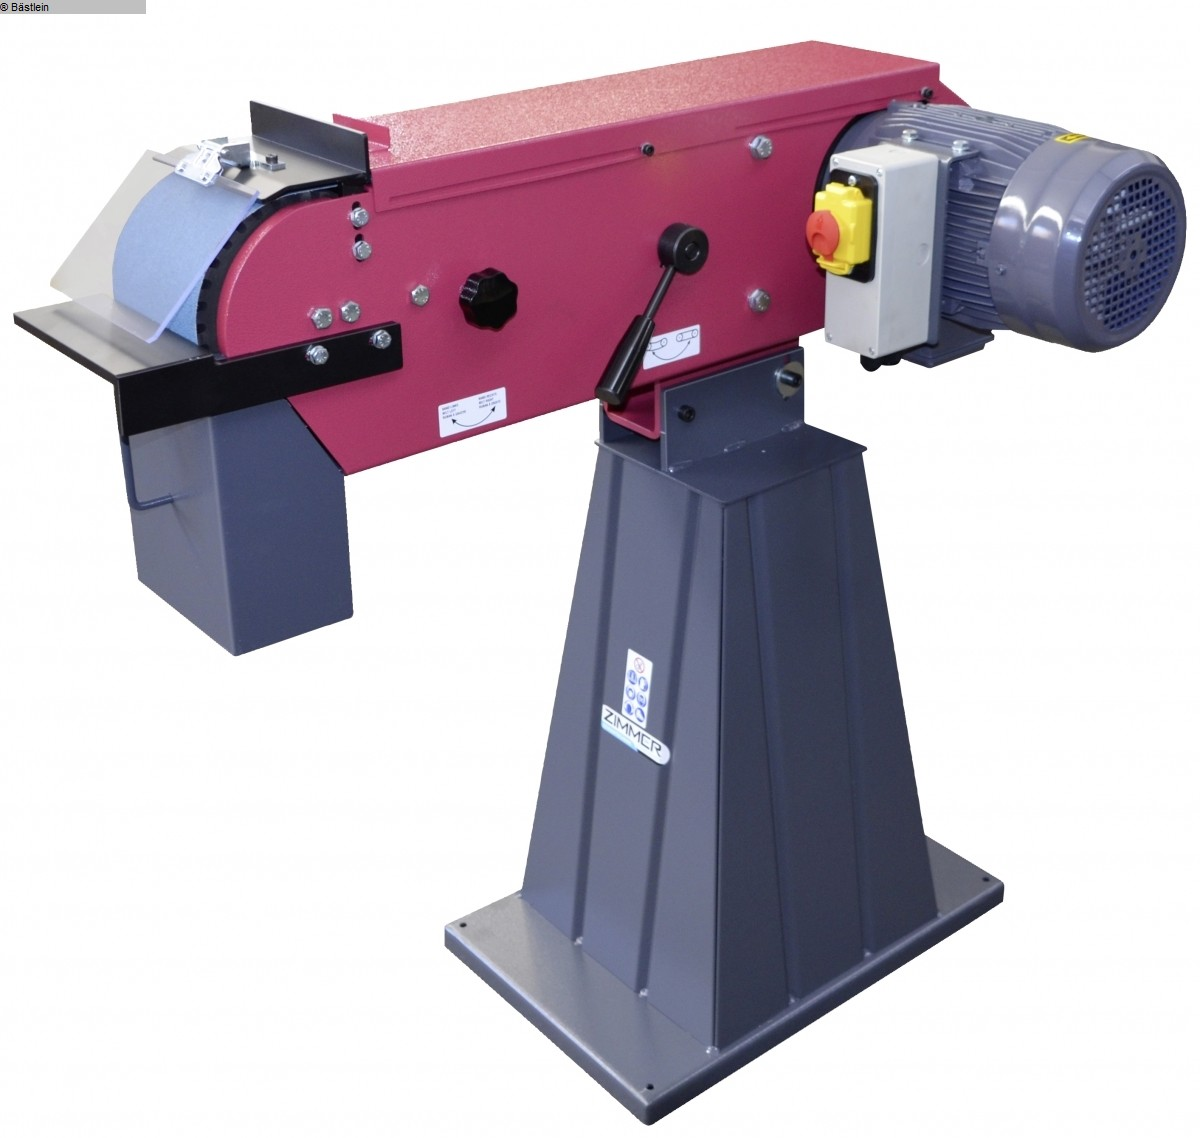 kullanılan Taşlama makineleri Kemer Taşlama Makinesi ZIMMER Panter Süper 150 / 2 / 4